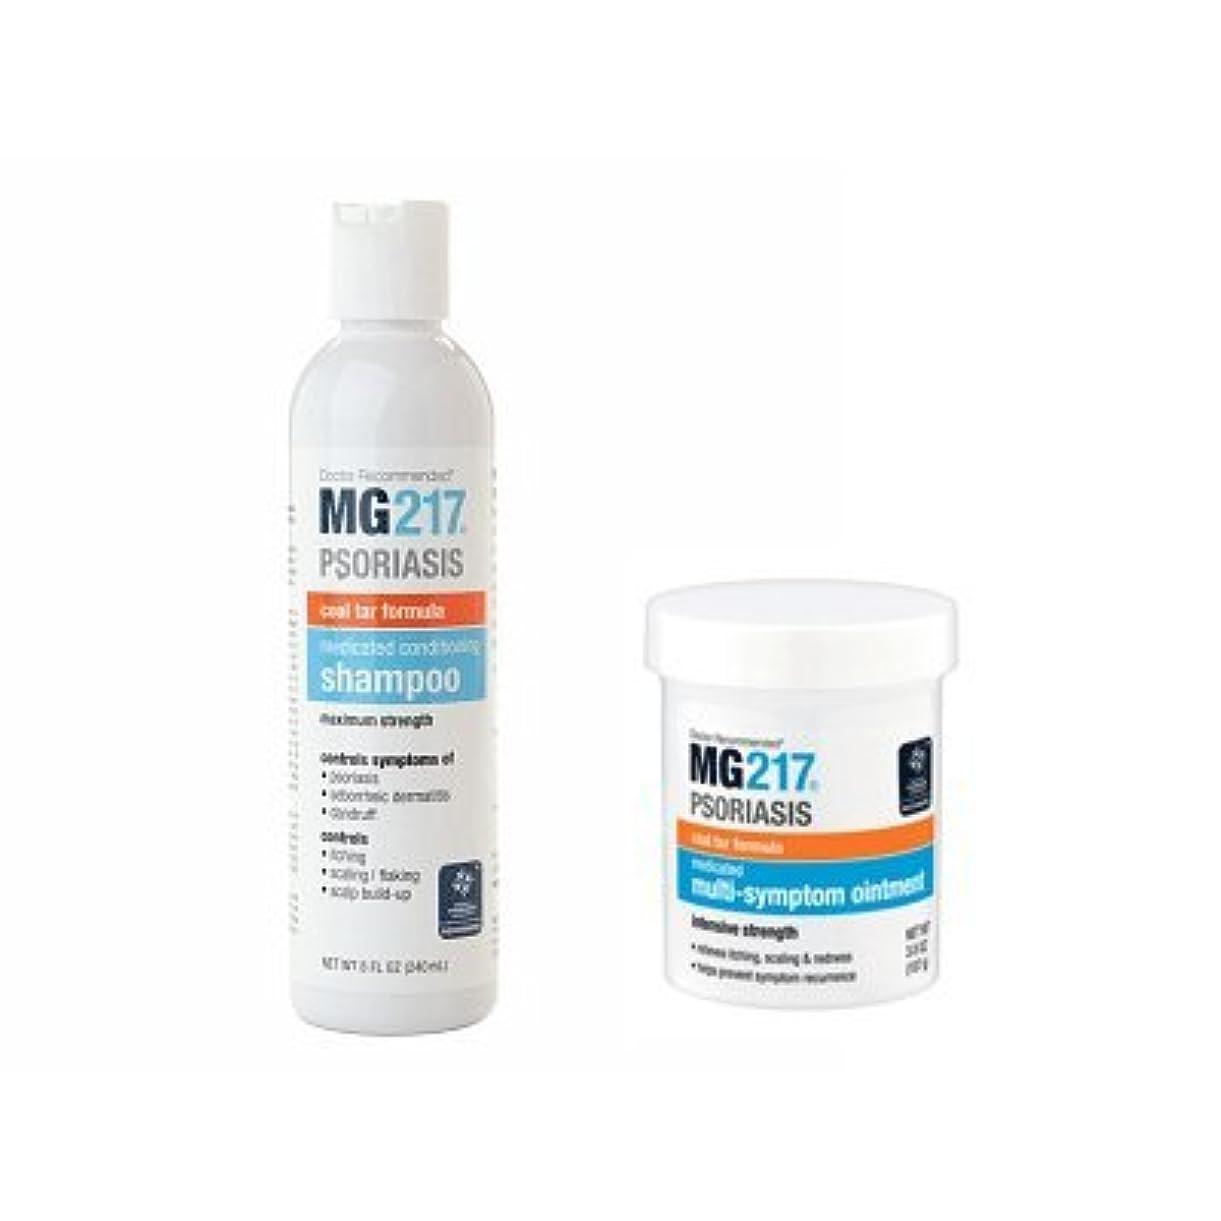 安全性余裕がある任命するMG217 シャンプー&軟膏セット 240ml/107ml Psoriasis Medicated Conditioning Shampoo,Ointment set 海外直送品